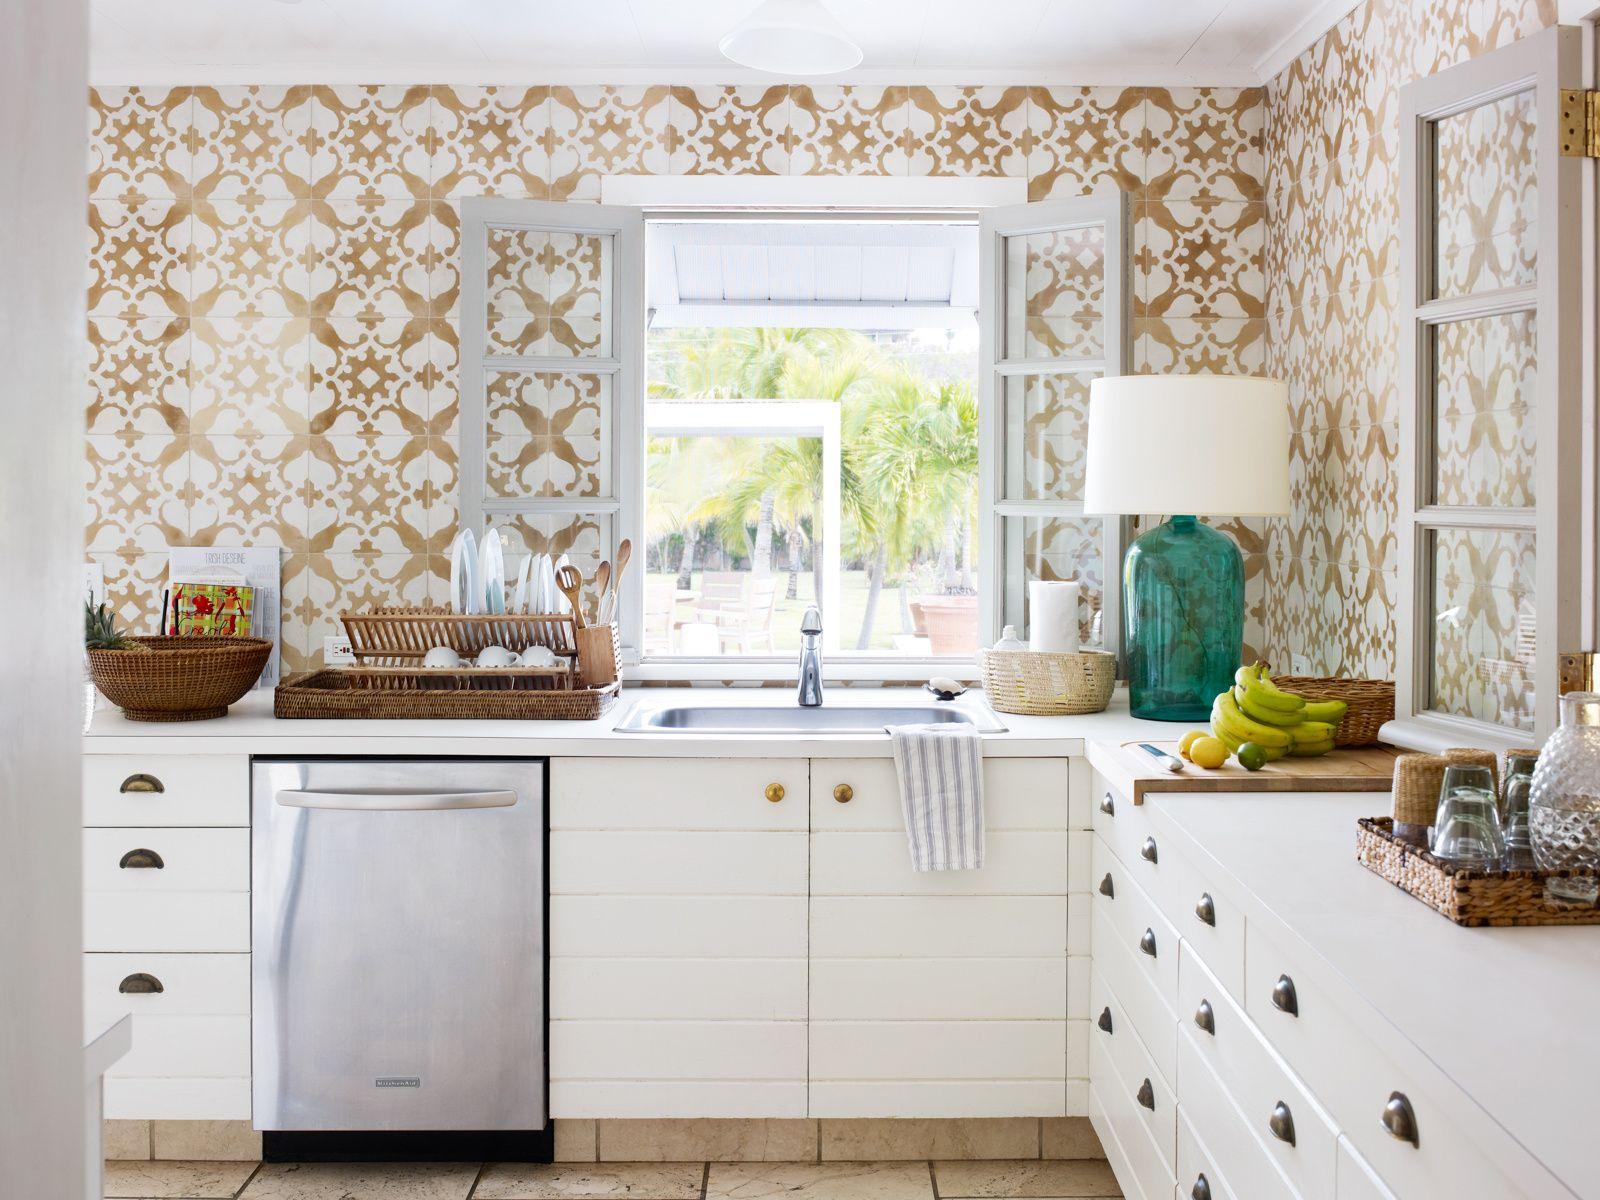 Full Size of Esprit Tapeten Für Küche Tapeten Für Küche Und Bad Schöne Tapeten Für Küche Abwaschbare Tapeten Für Küche Küche Tapeten Für Küche